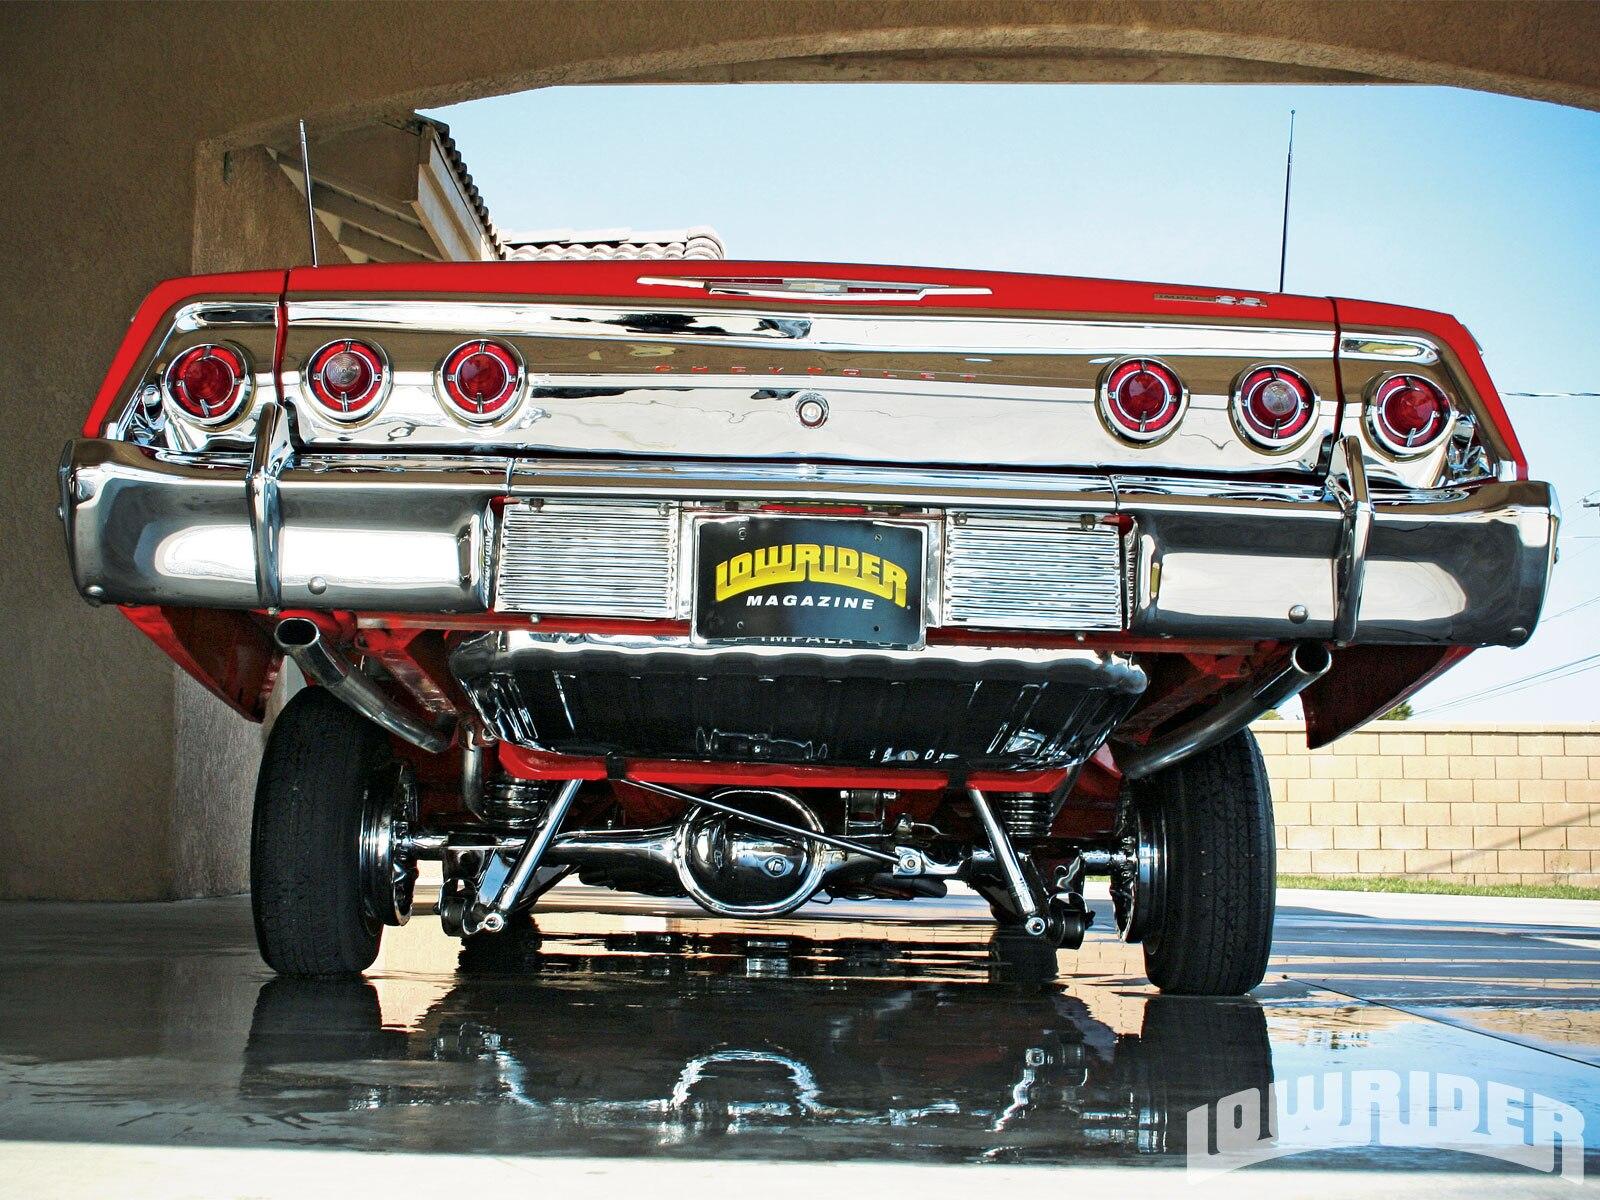 1962 Chevrolet Impala SS GM 327 Cid V8 Engine